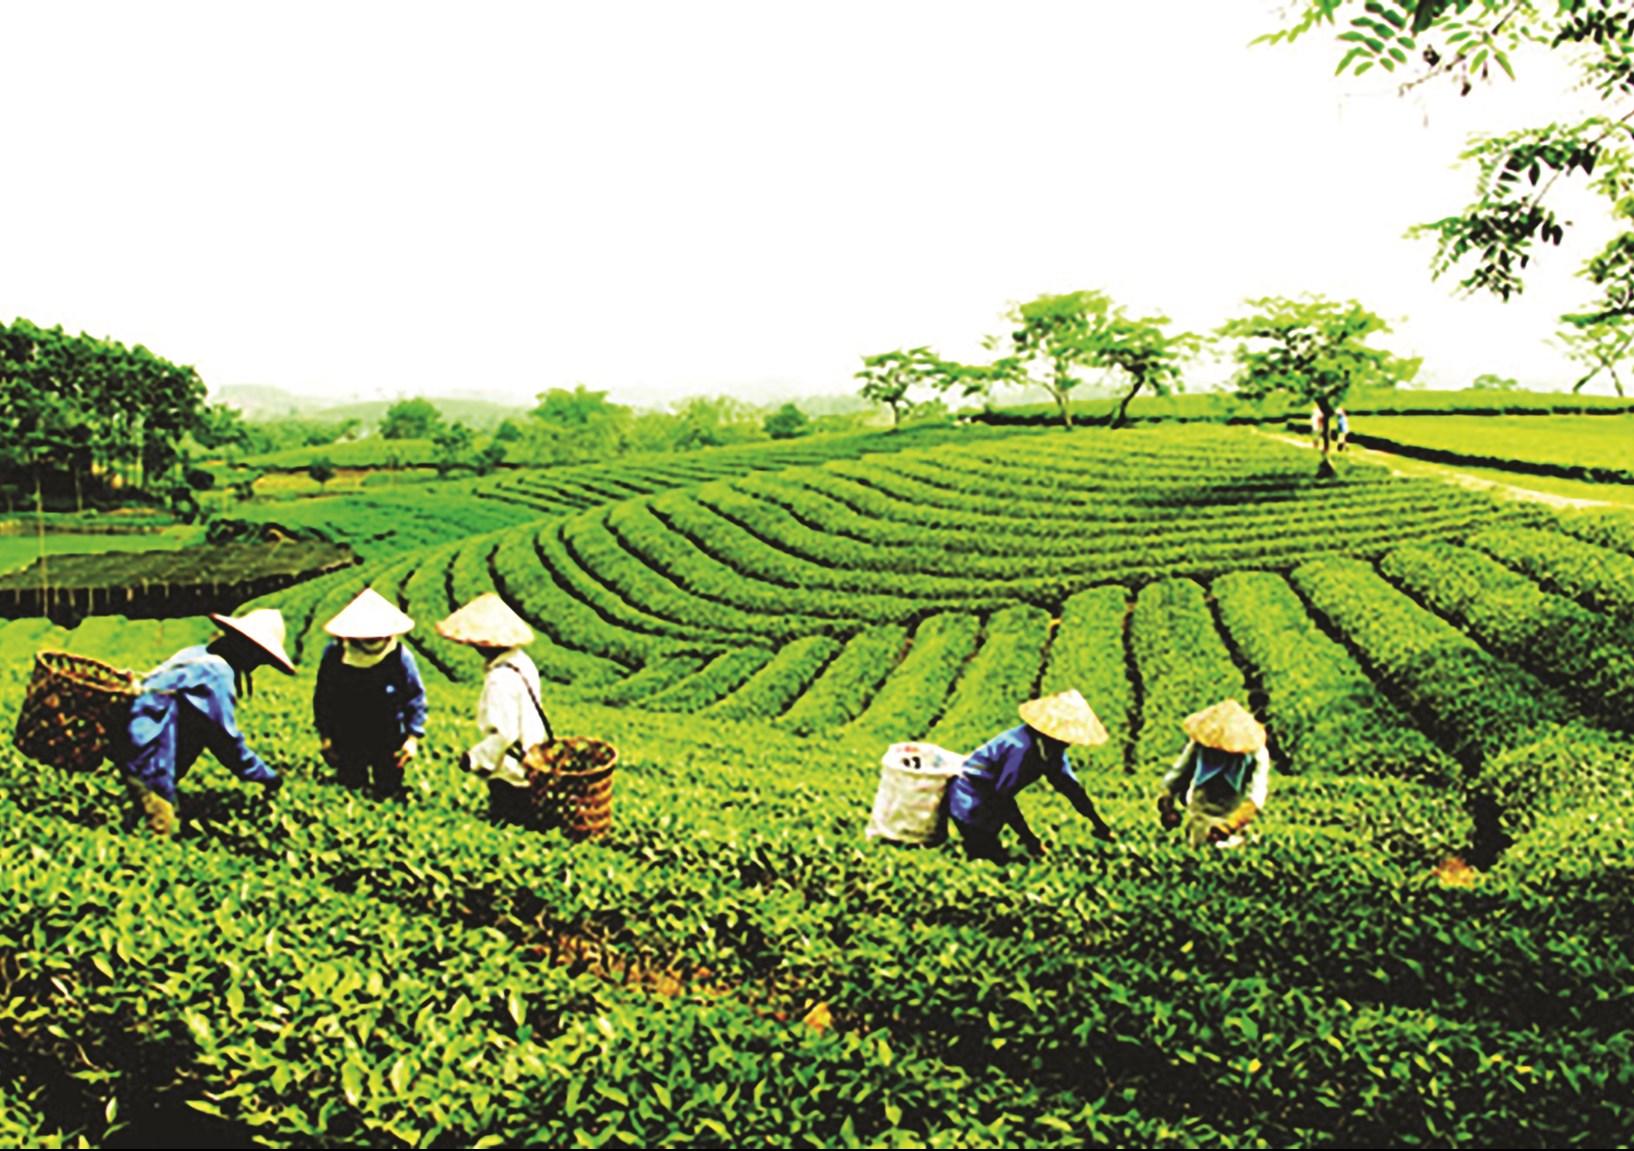 Cây chè tiếp tục khẳng định là cây trồng thế mạnh của tỉnh